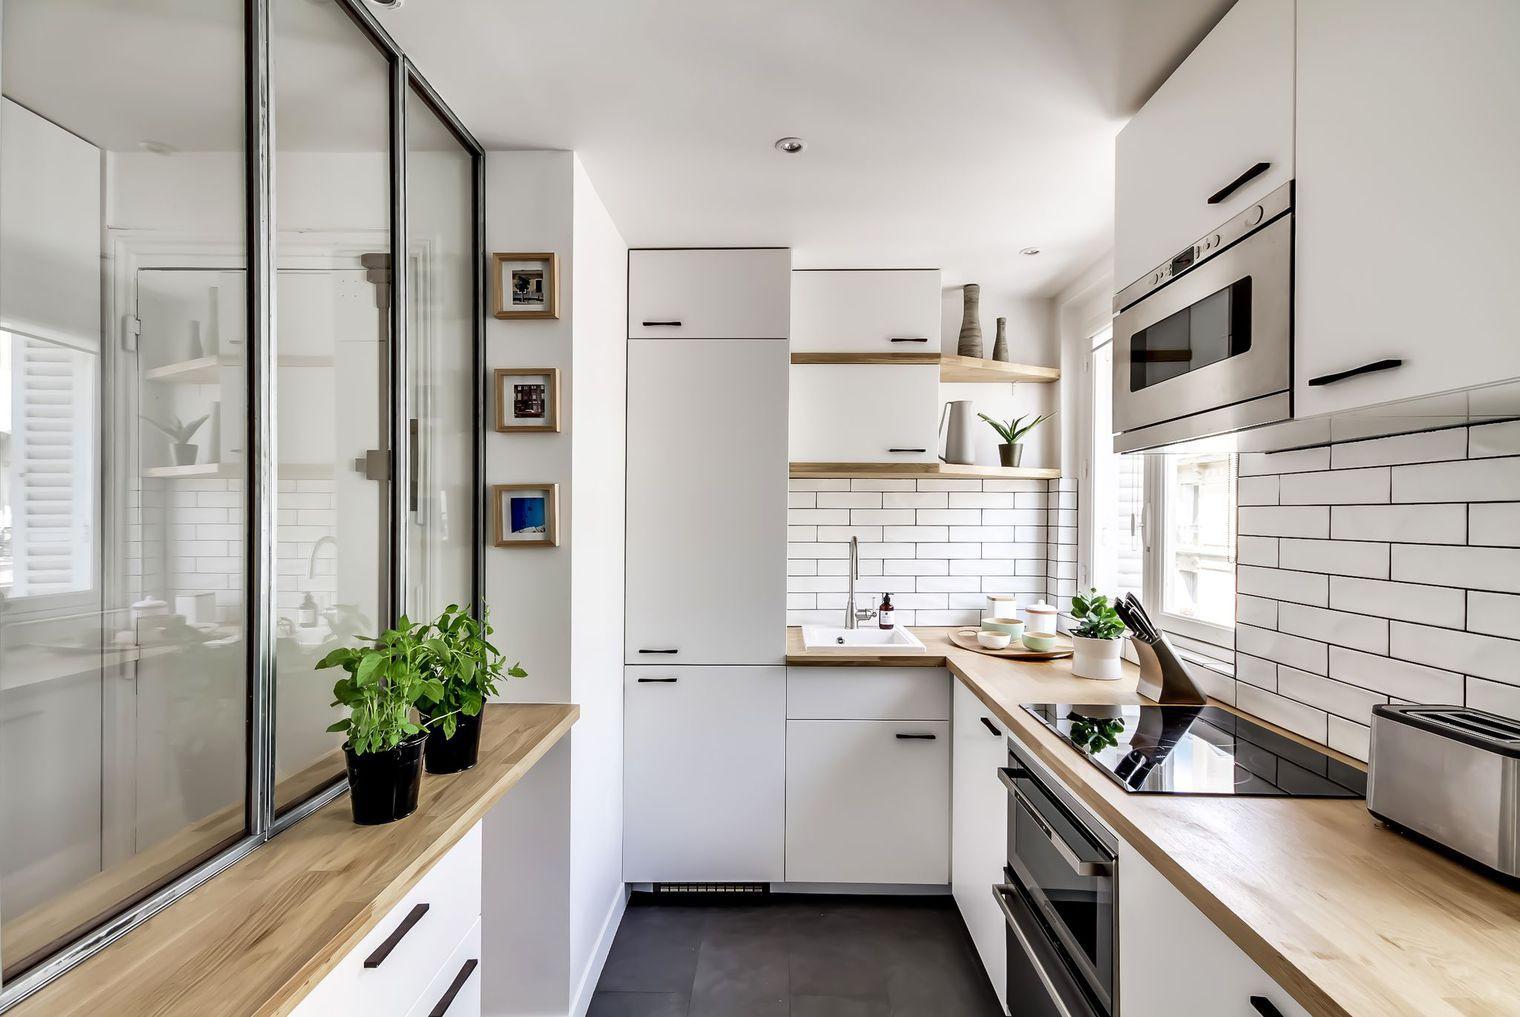 Sau cải tạo, căn hộ 38m² đẹp hoàn hảo mọi góc nhìn   - Ảnh 6.